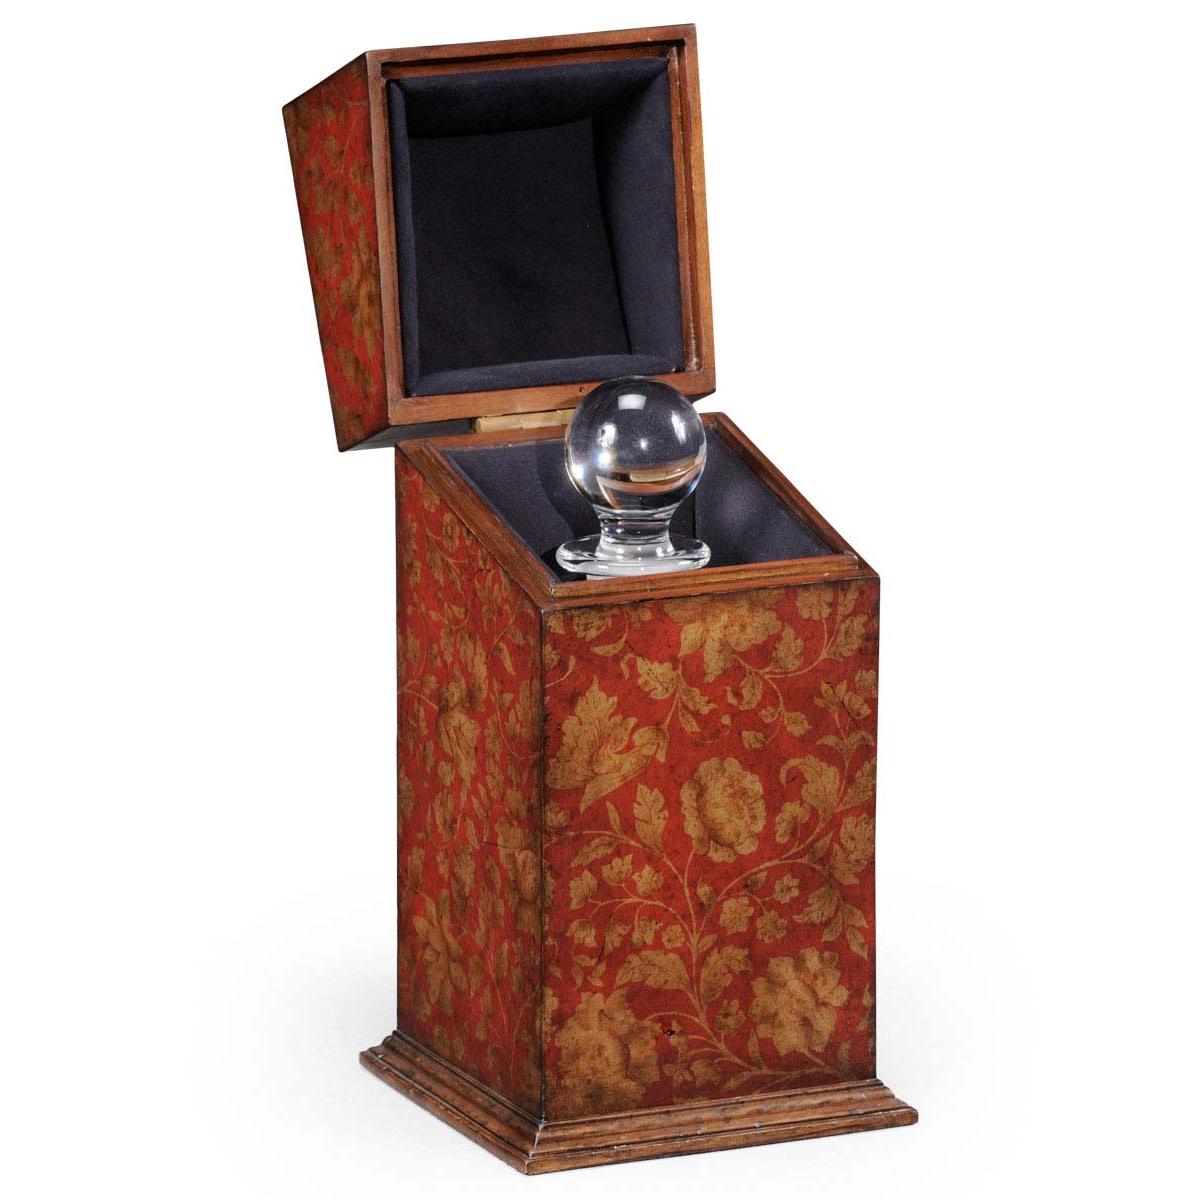 494068 Red decanter Chinoiserie case - на 360.ru: цены, описание, характеристики, где купить в Москве.